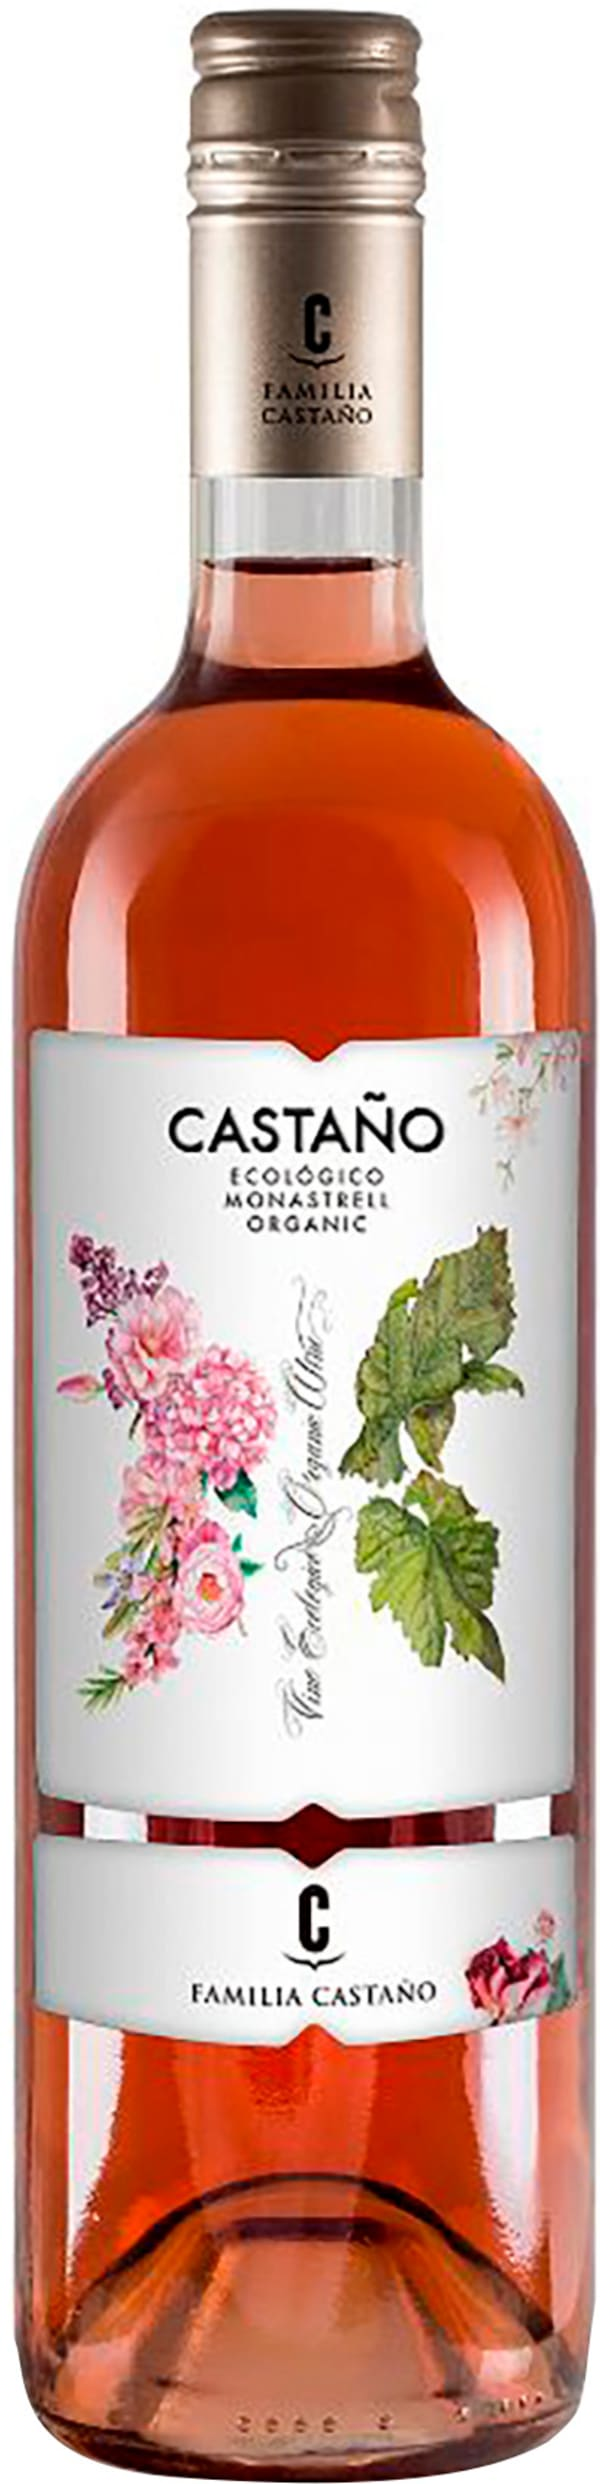 Castaño Monastrell Ecologico Rosé